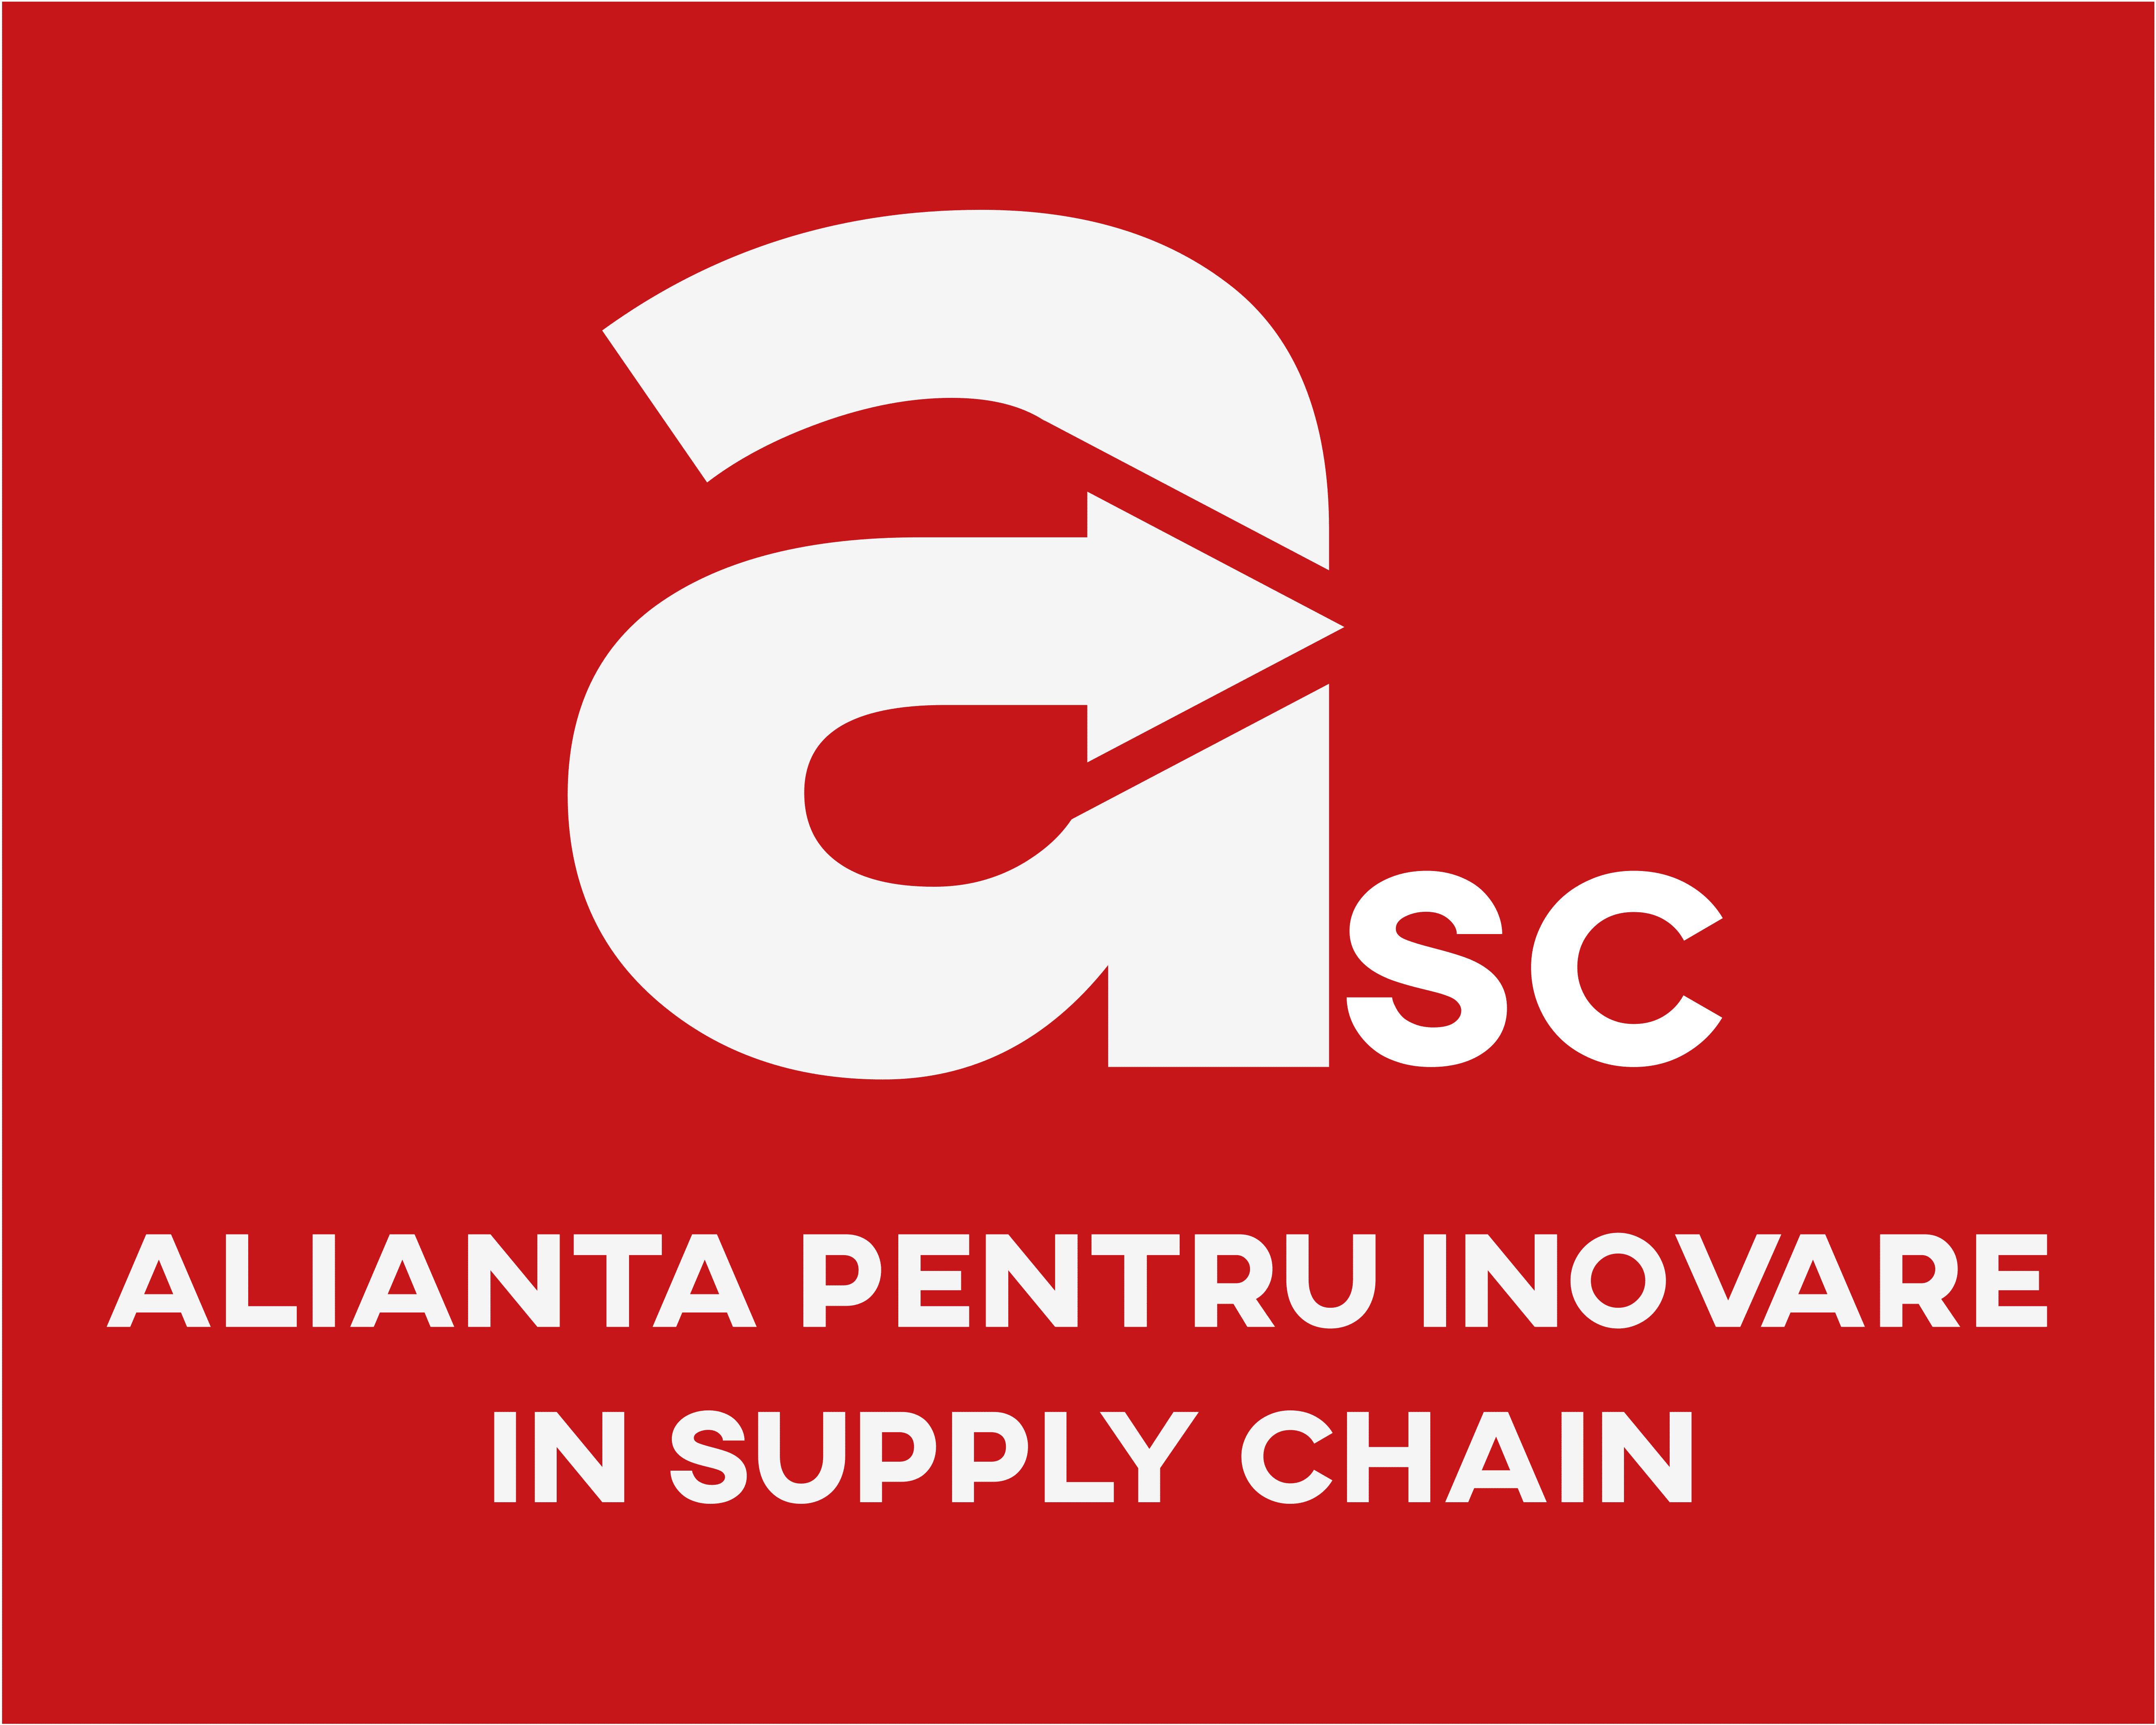 alianta pentru inovare in supply chain